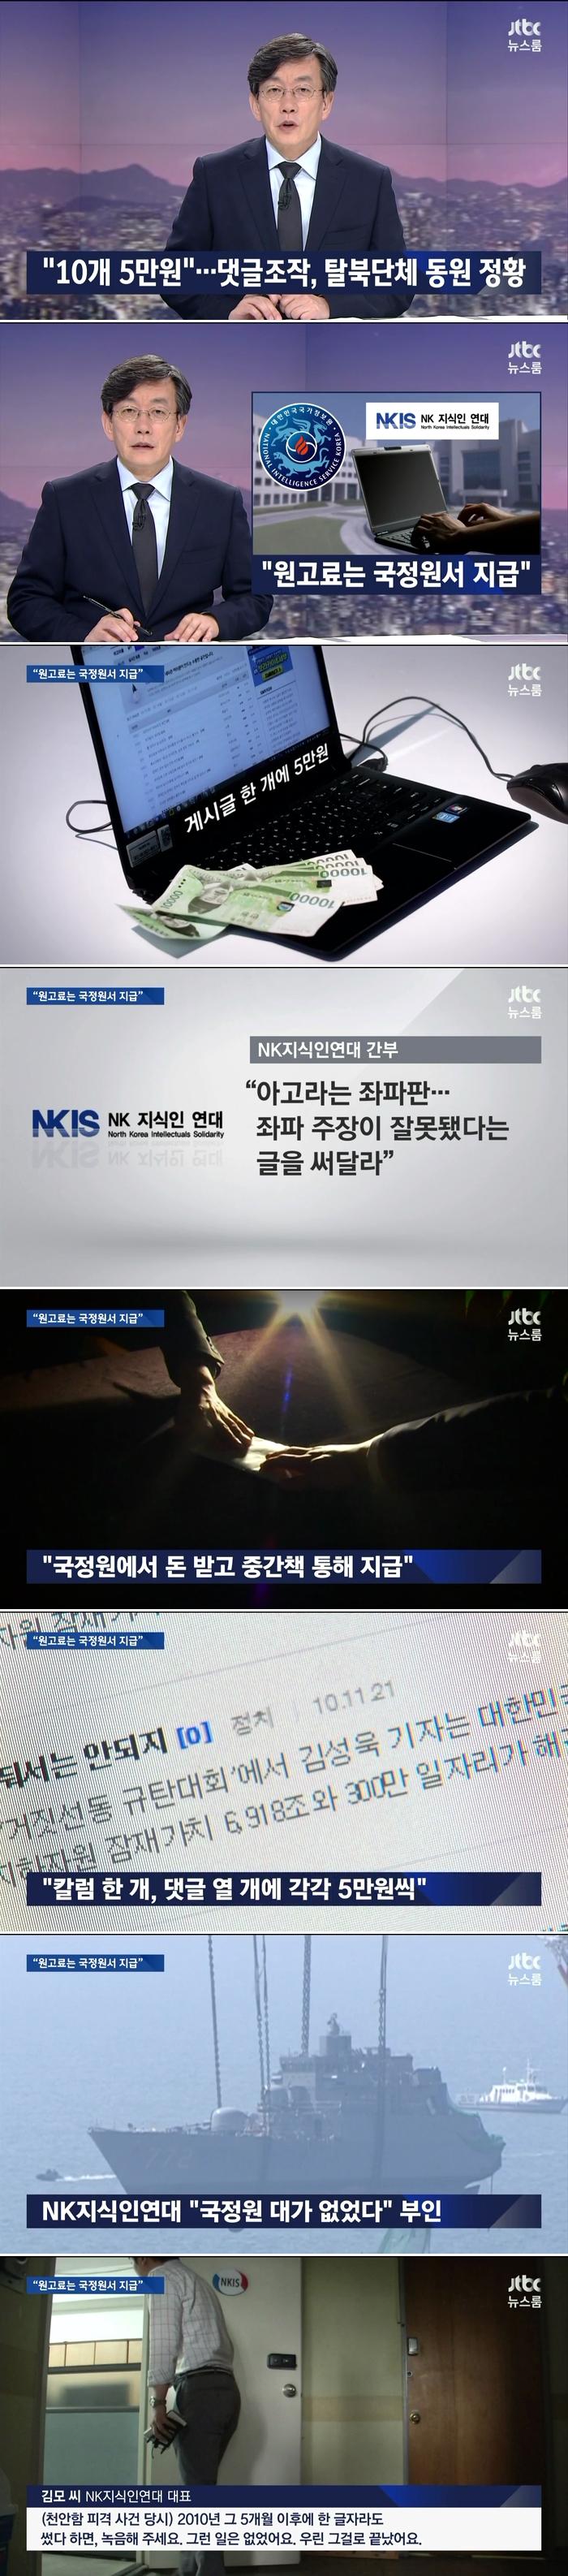 국정원 댓글 10개에 5만원